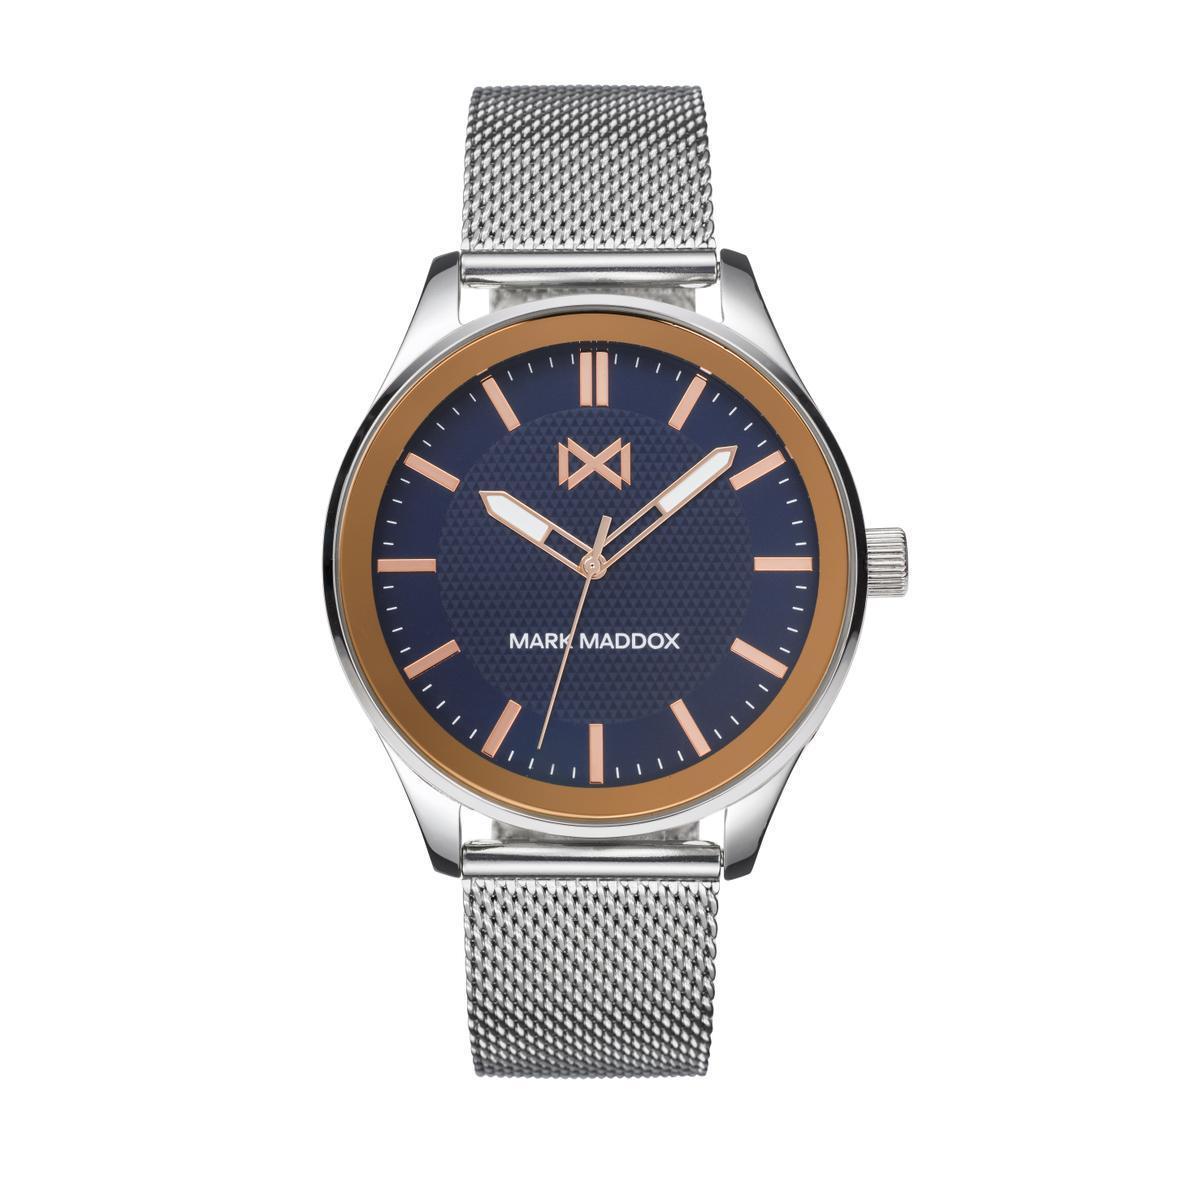 Reloj Mark Maddox Ref. HM7139-37